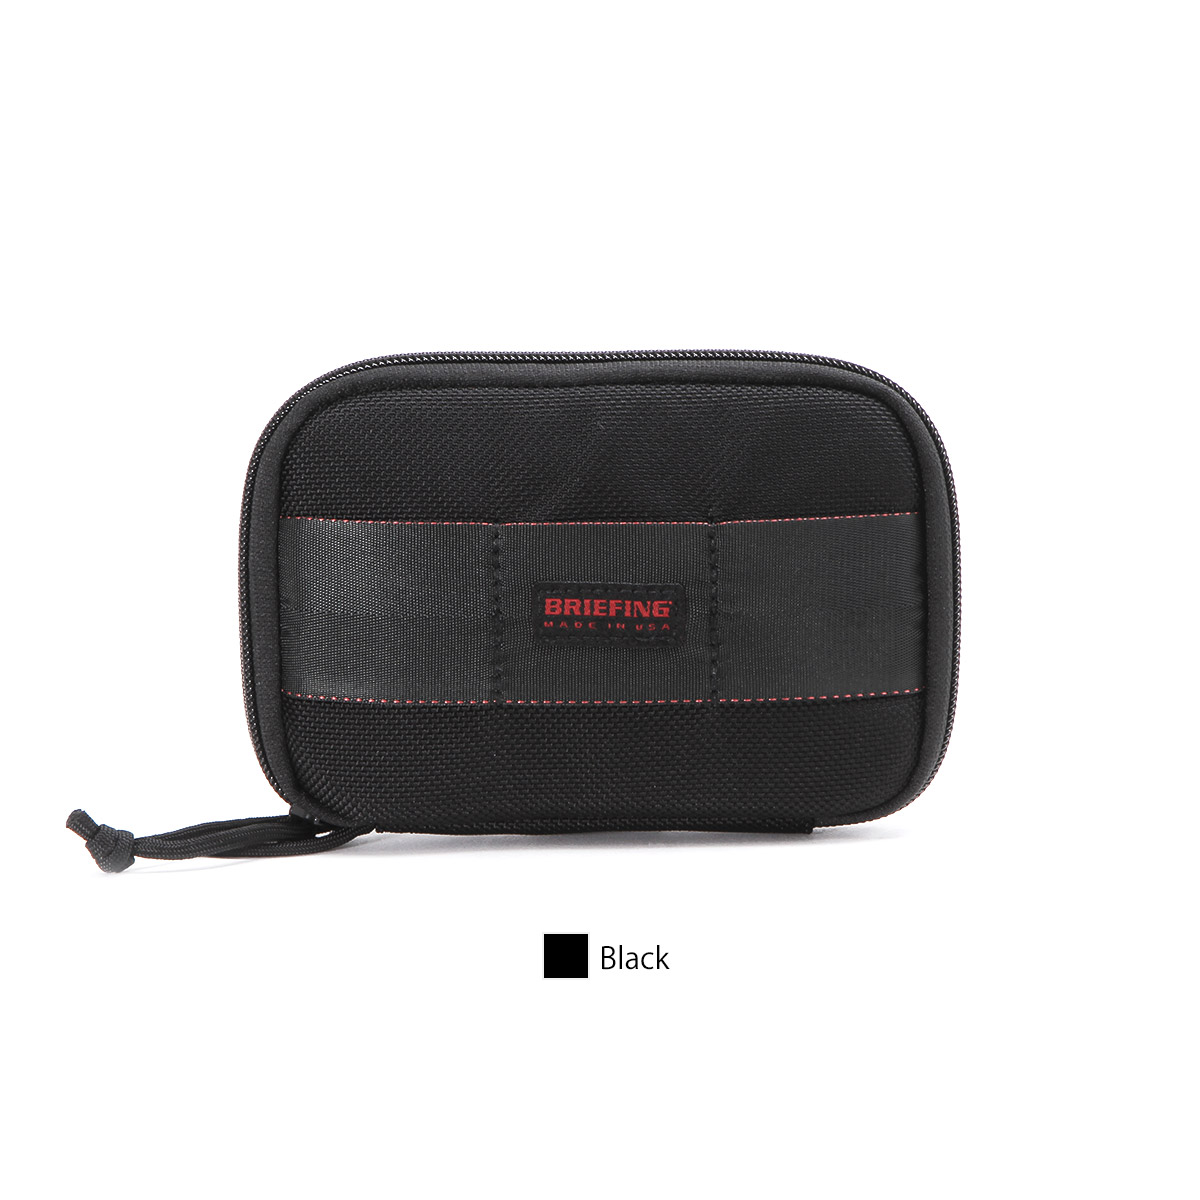 【正規販売店】ブリーフィング ショートウォレット 財布 ラウンドジップ SHORT WALLET BRIEFING BRM181601